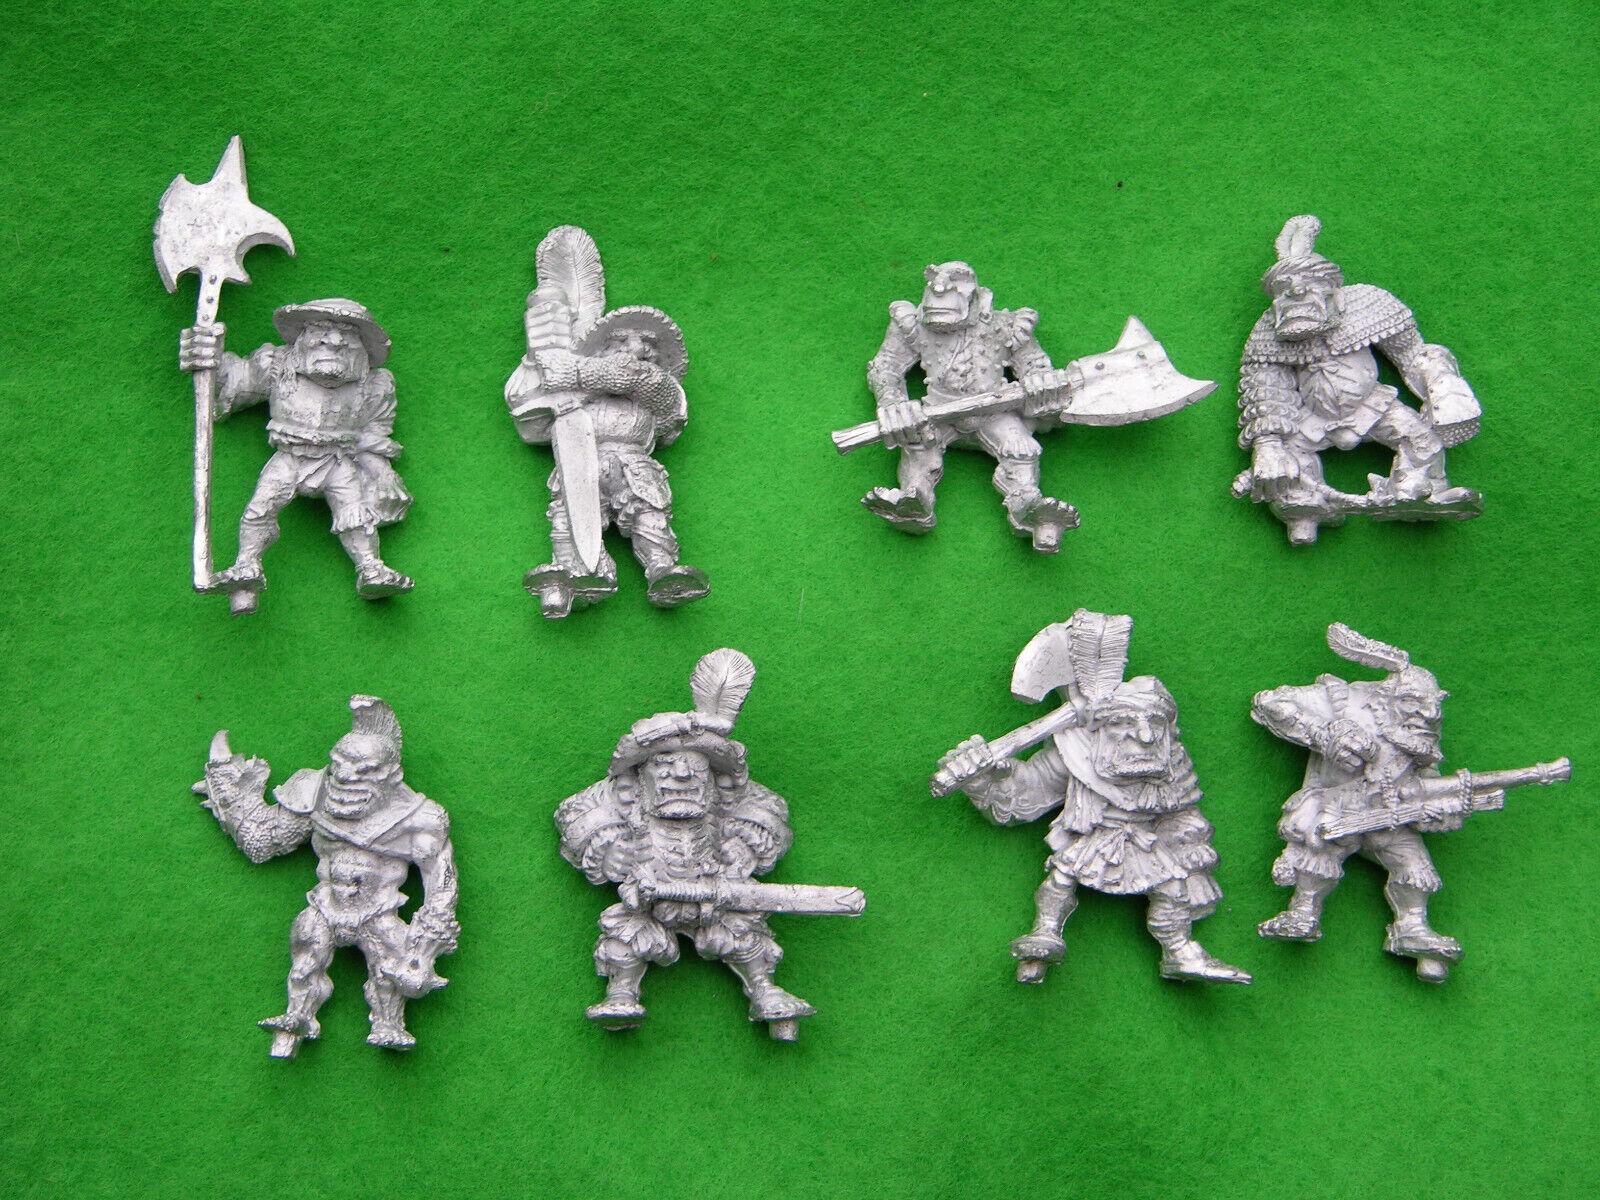 Marer, Citadel, Games Workshop Mm42 & Mm41 Ogre Multi-Annonce